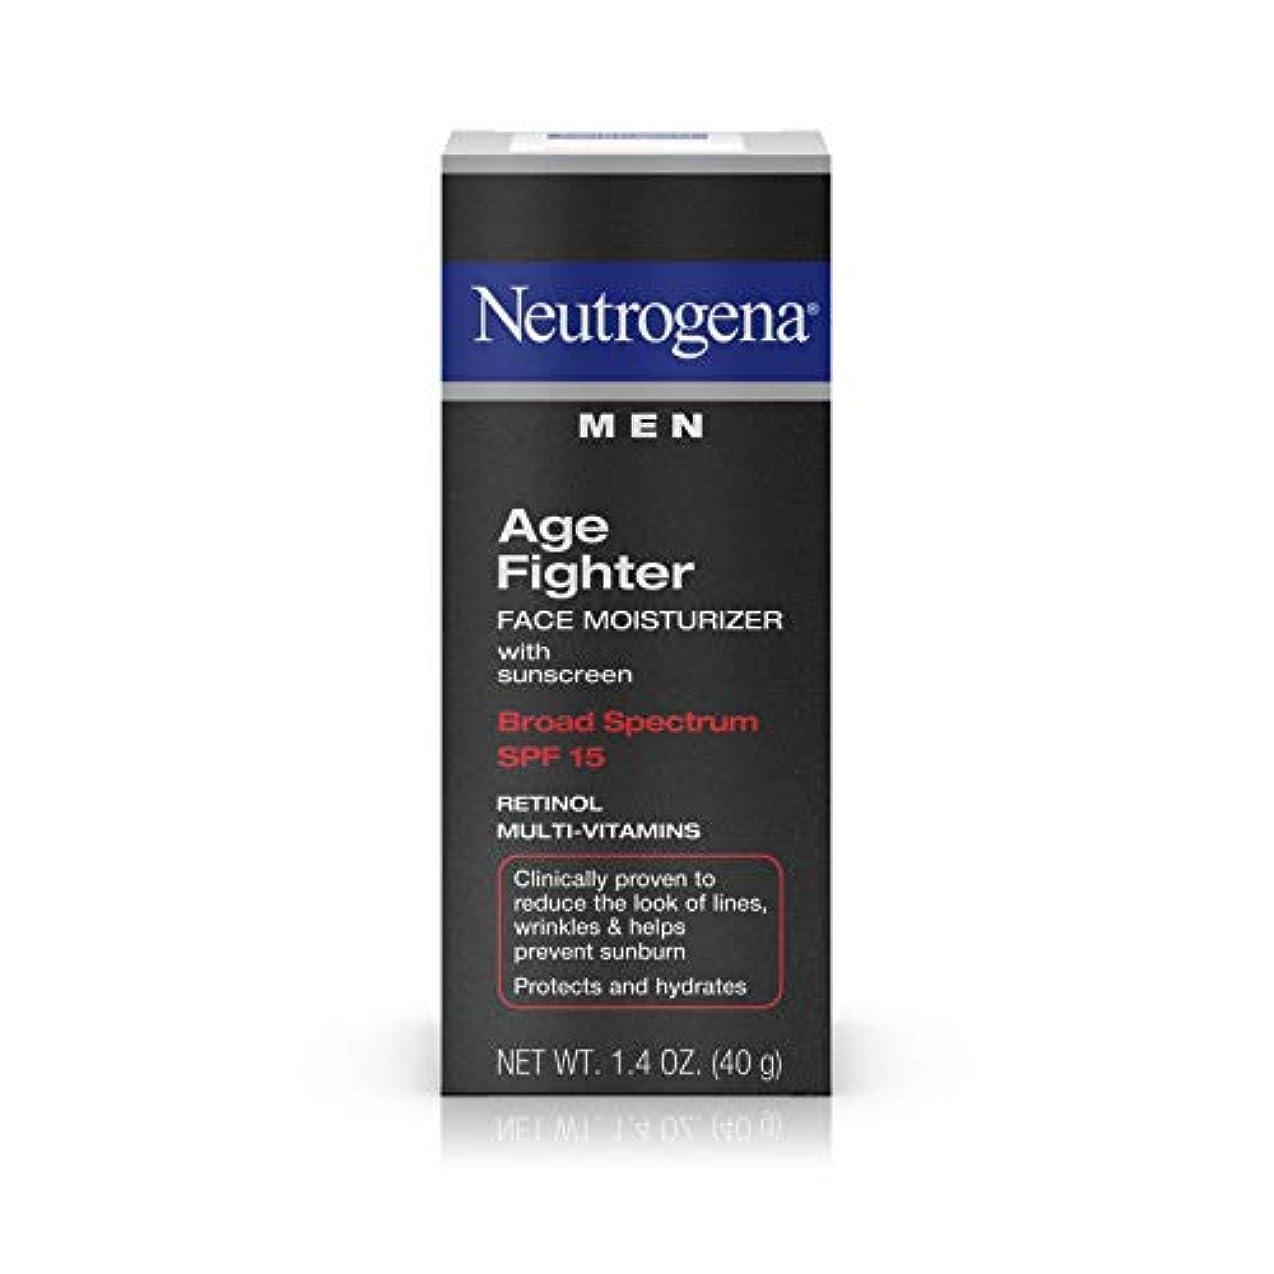 保有者取る計器Neutrogena Men Age Fighter Face Moisturizer with sunscreen SPF 15 1.4oz.(40g) 男性用ニュートロジーナ メン エイジ ファイター フェイス モイスチャライザー